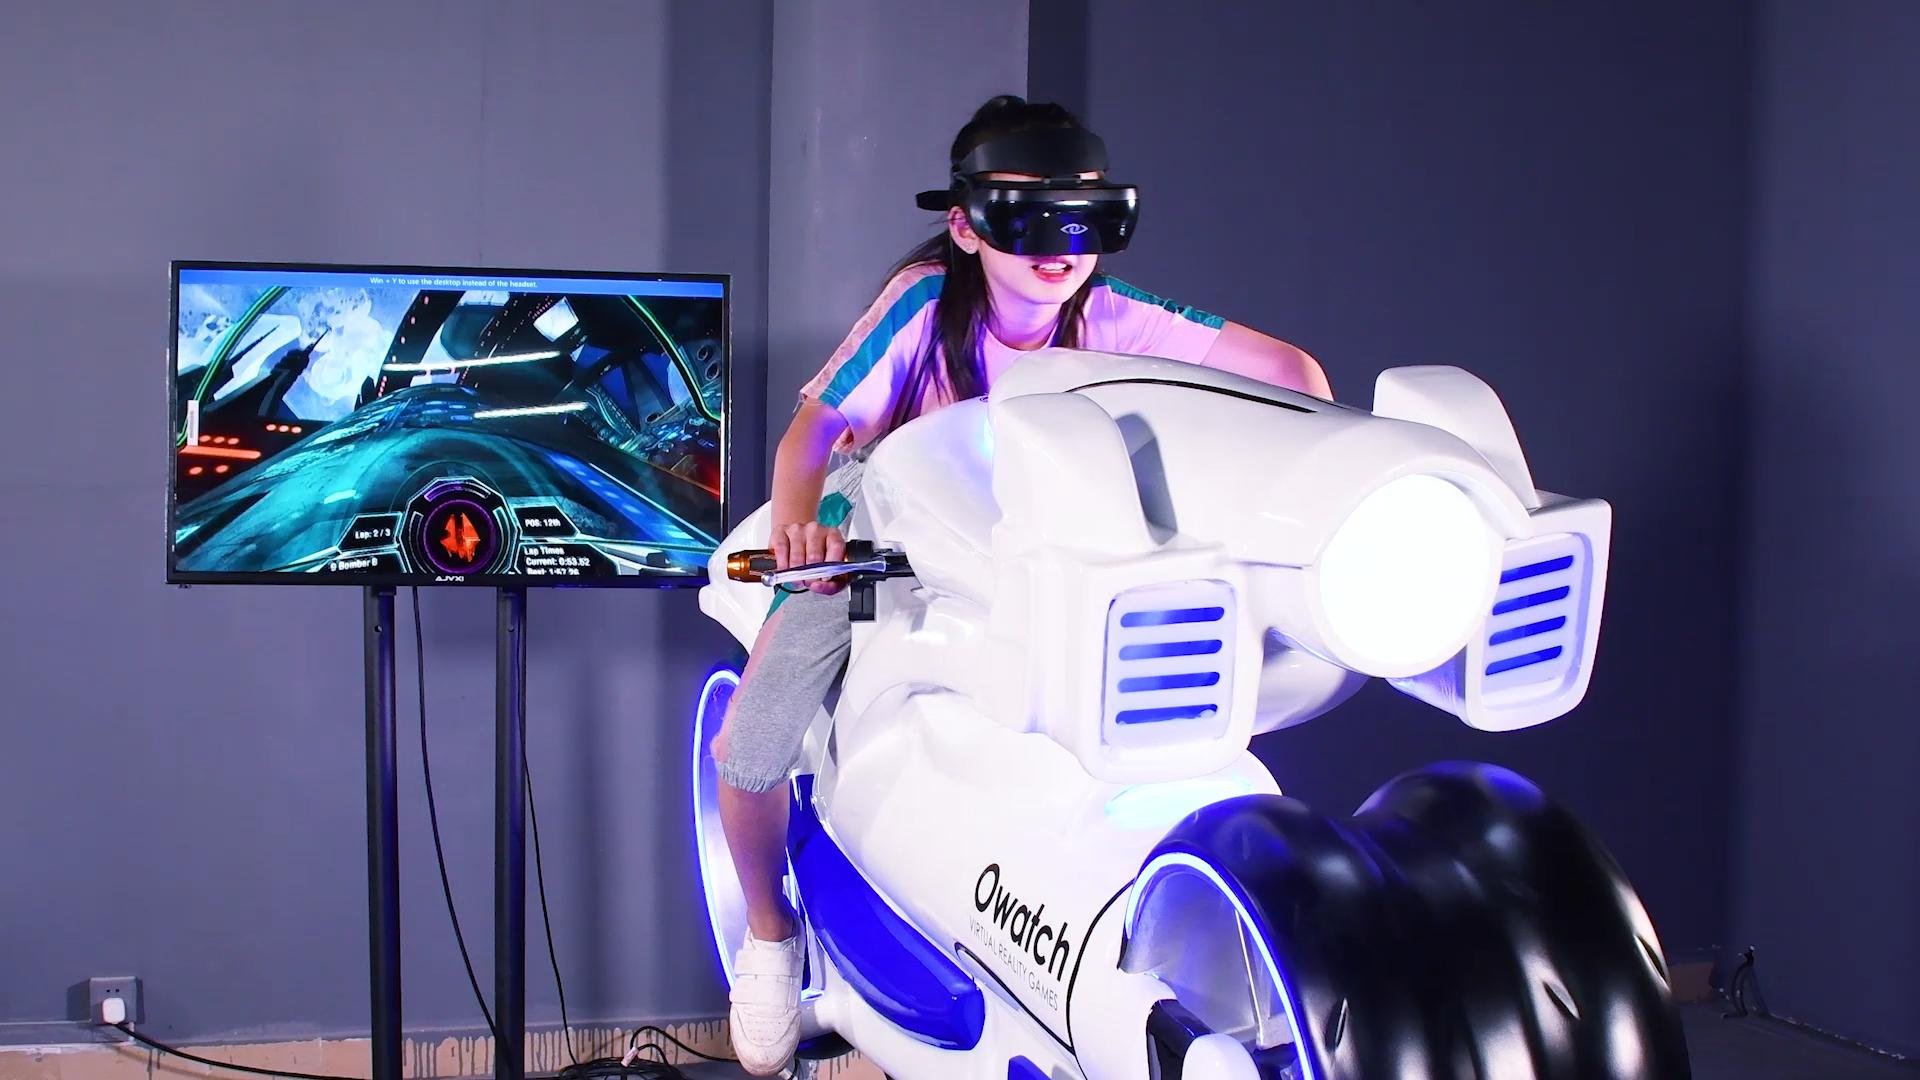 Gaya Baru VR Sepeda Motor Mengemudi Simulator untuk Dijual